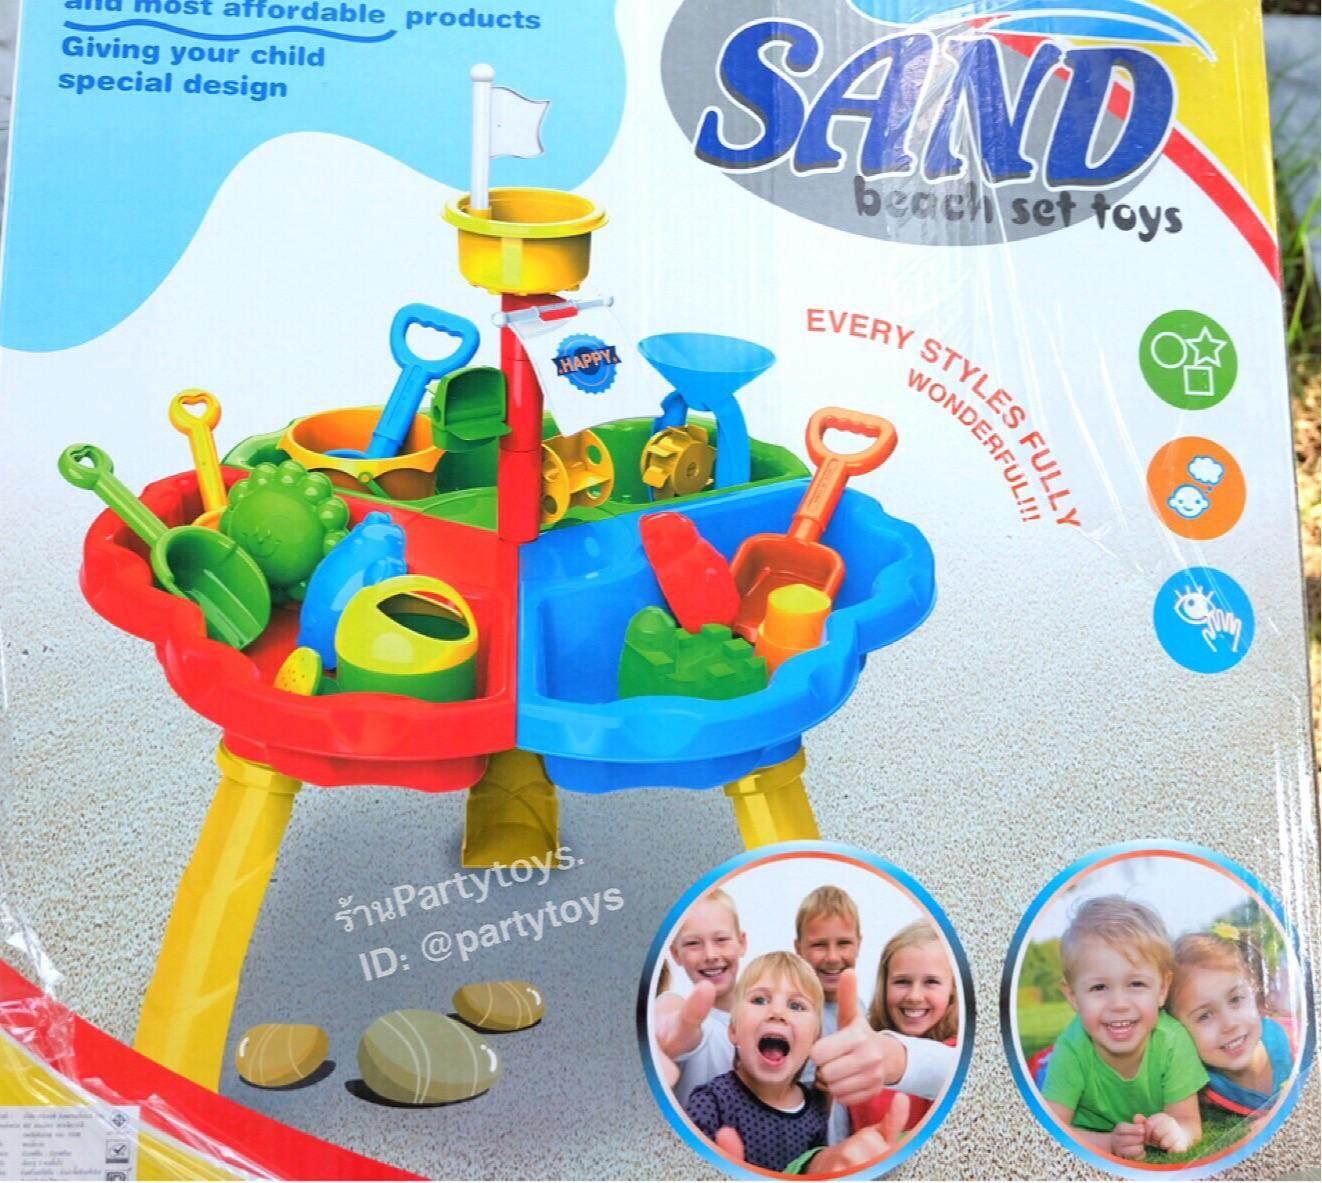 ซื้อ Partytoys โต๊ะเล่นทราย อุปกรณ์ ออนไลน์